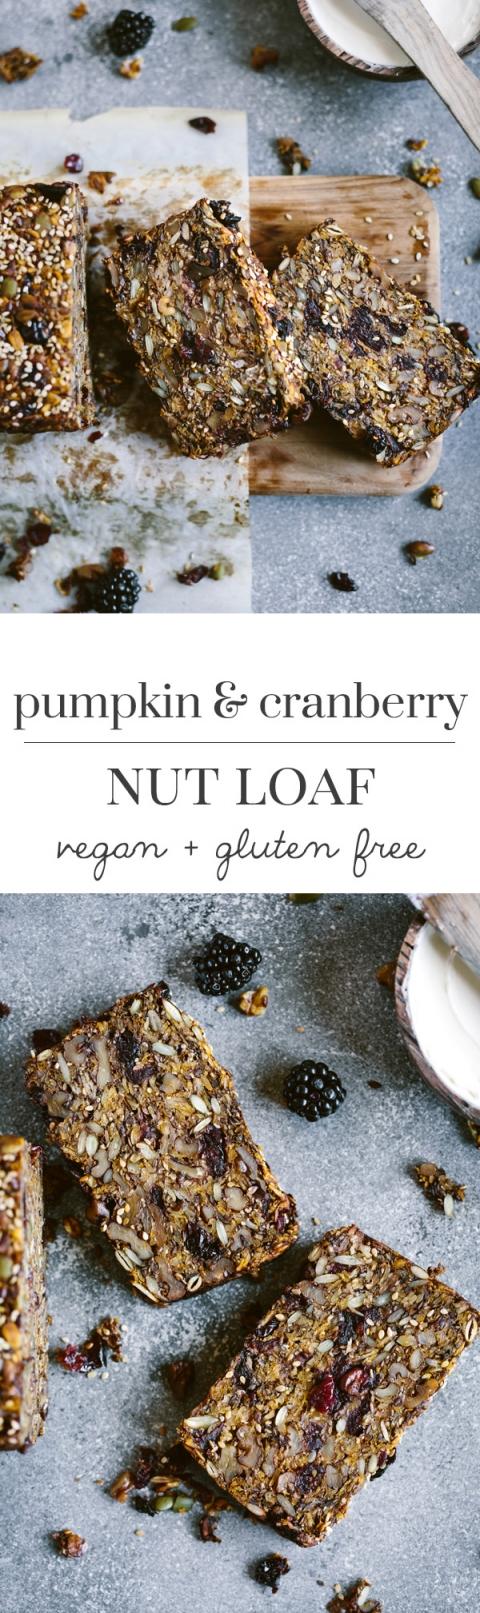 Pumpkin Cranberry Nut Loaf Recipe: A vegan and gluten free pumpkin flavored nut bread.